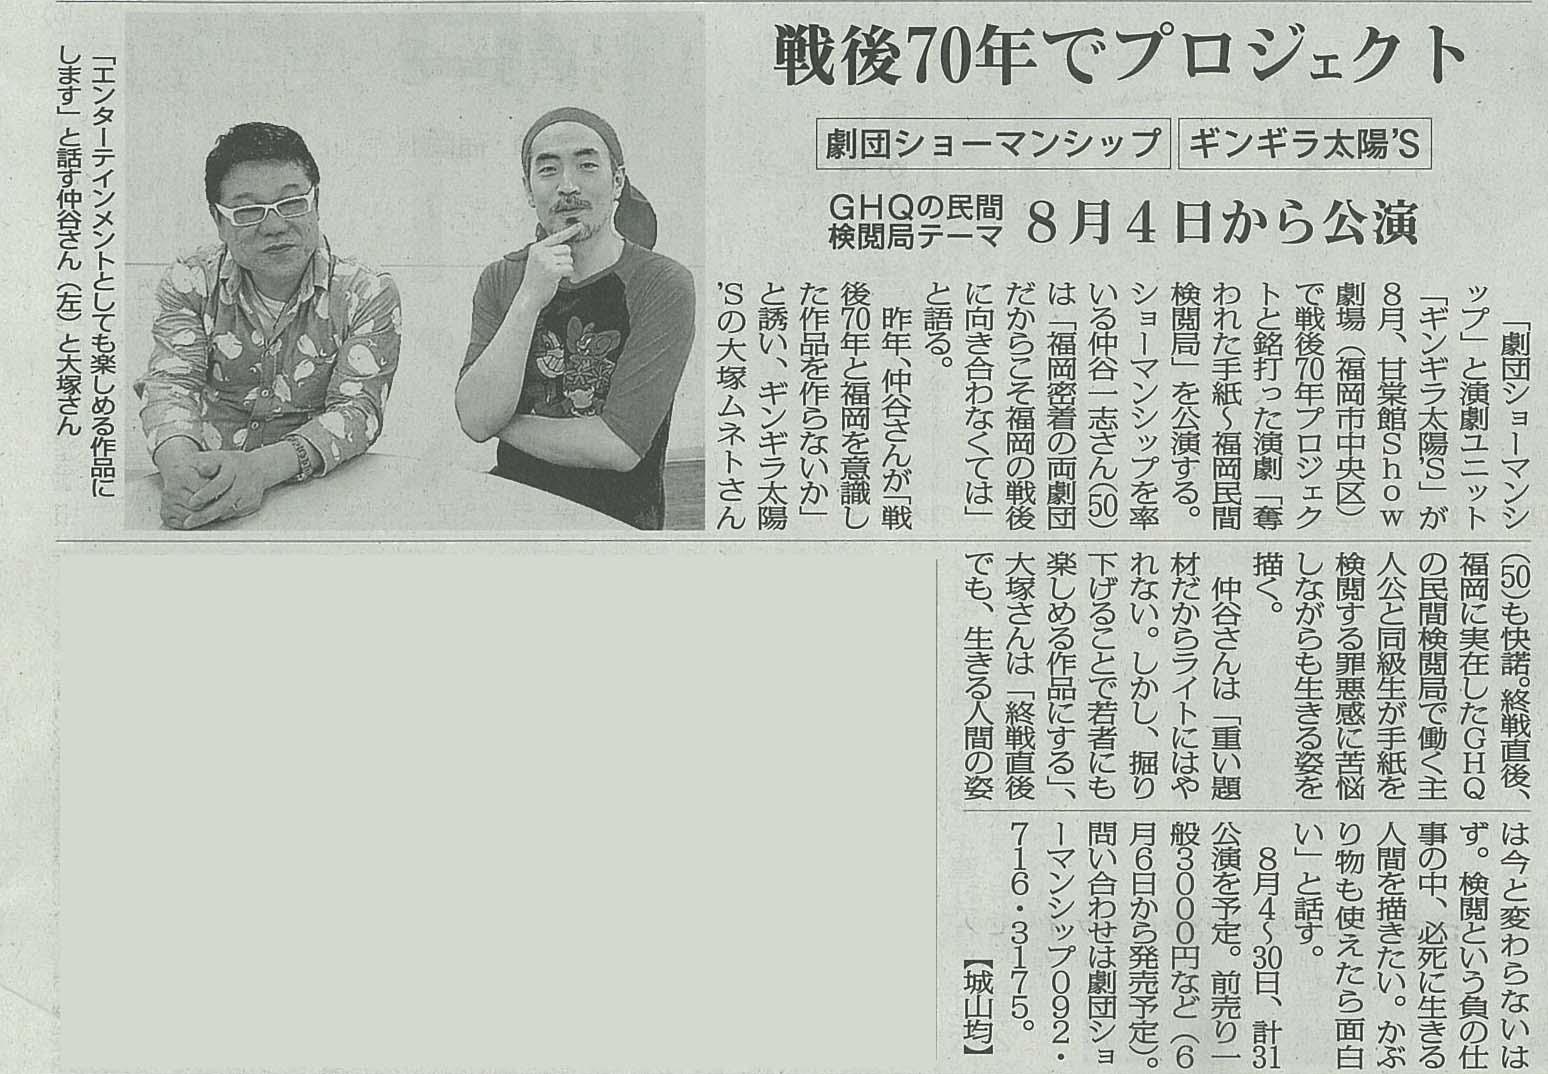 2015年 毎日新聞朝刊「福岡EVEVTワイドTOPICS」